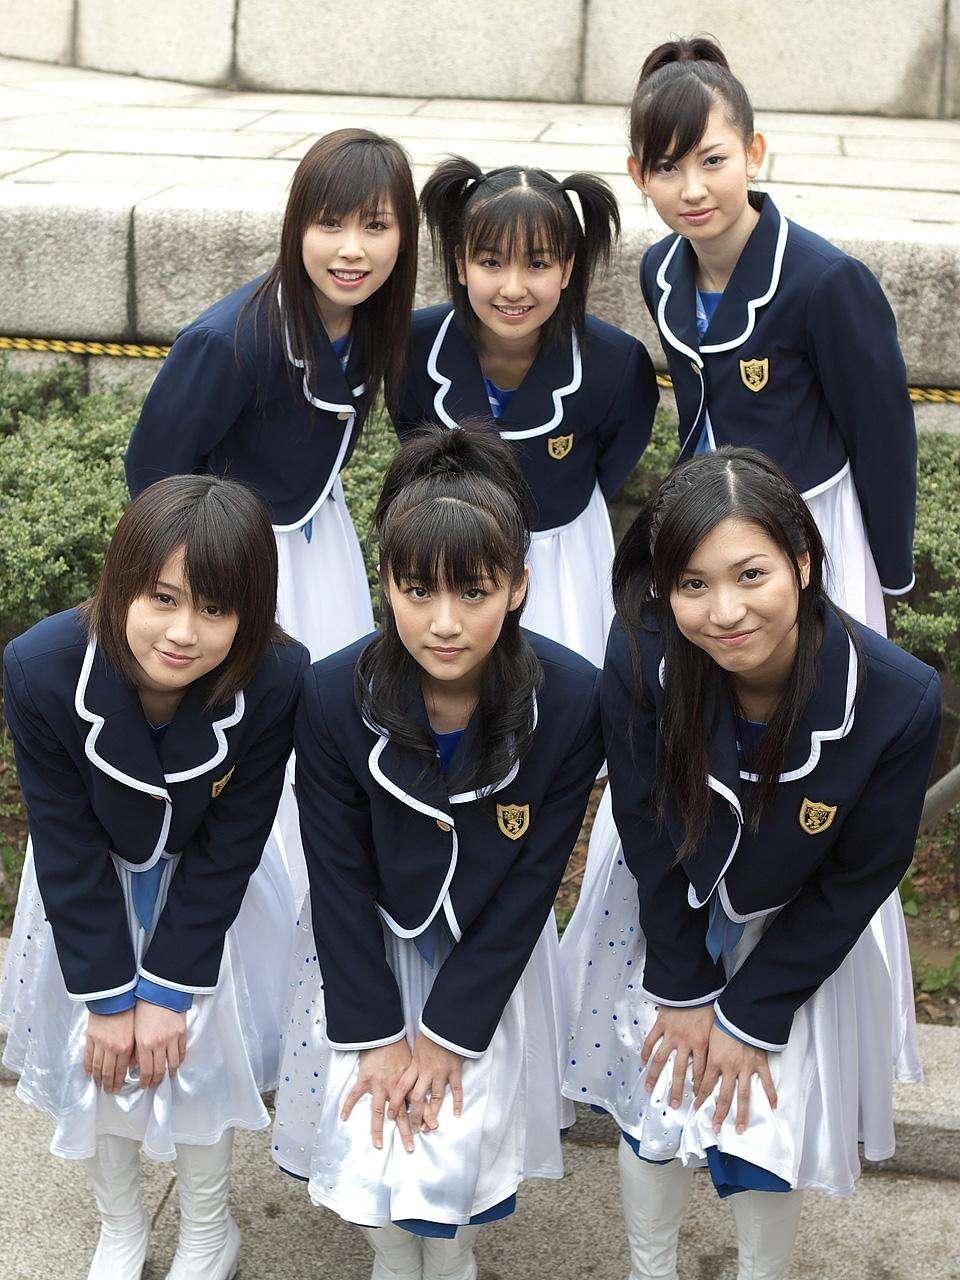 元AKB48やまぐちりこ、歌手デビューさせると言われAVへ→ 歌手デビュー嘘でした ((((;゚Д゚)))